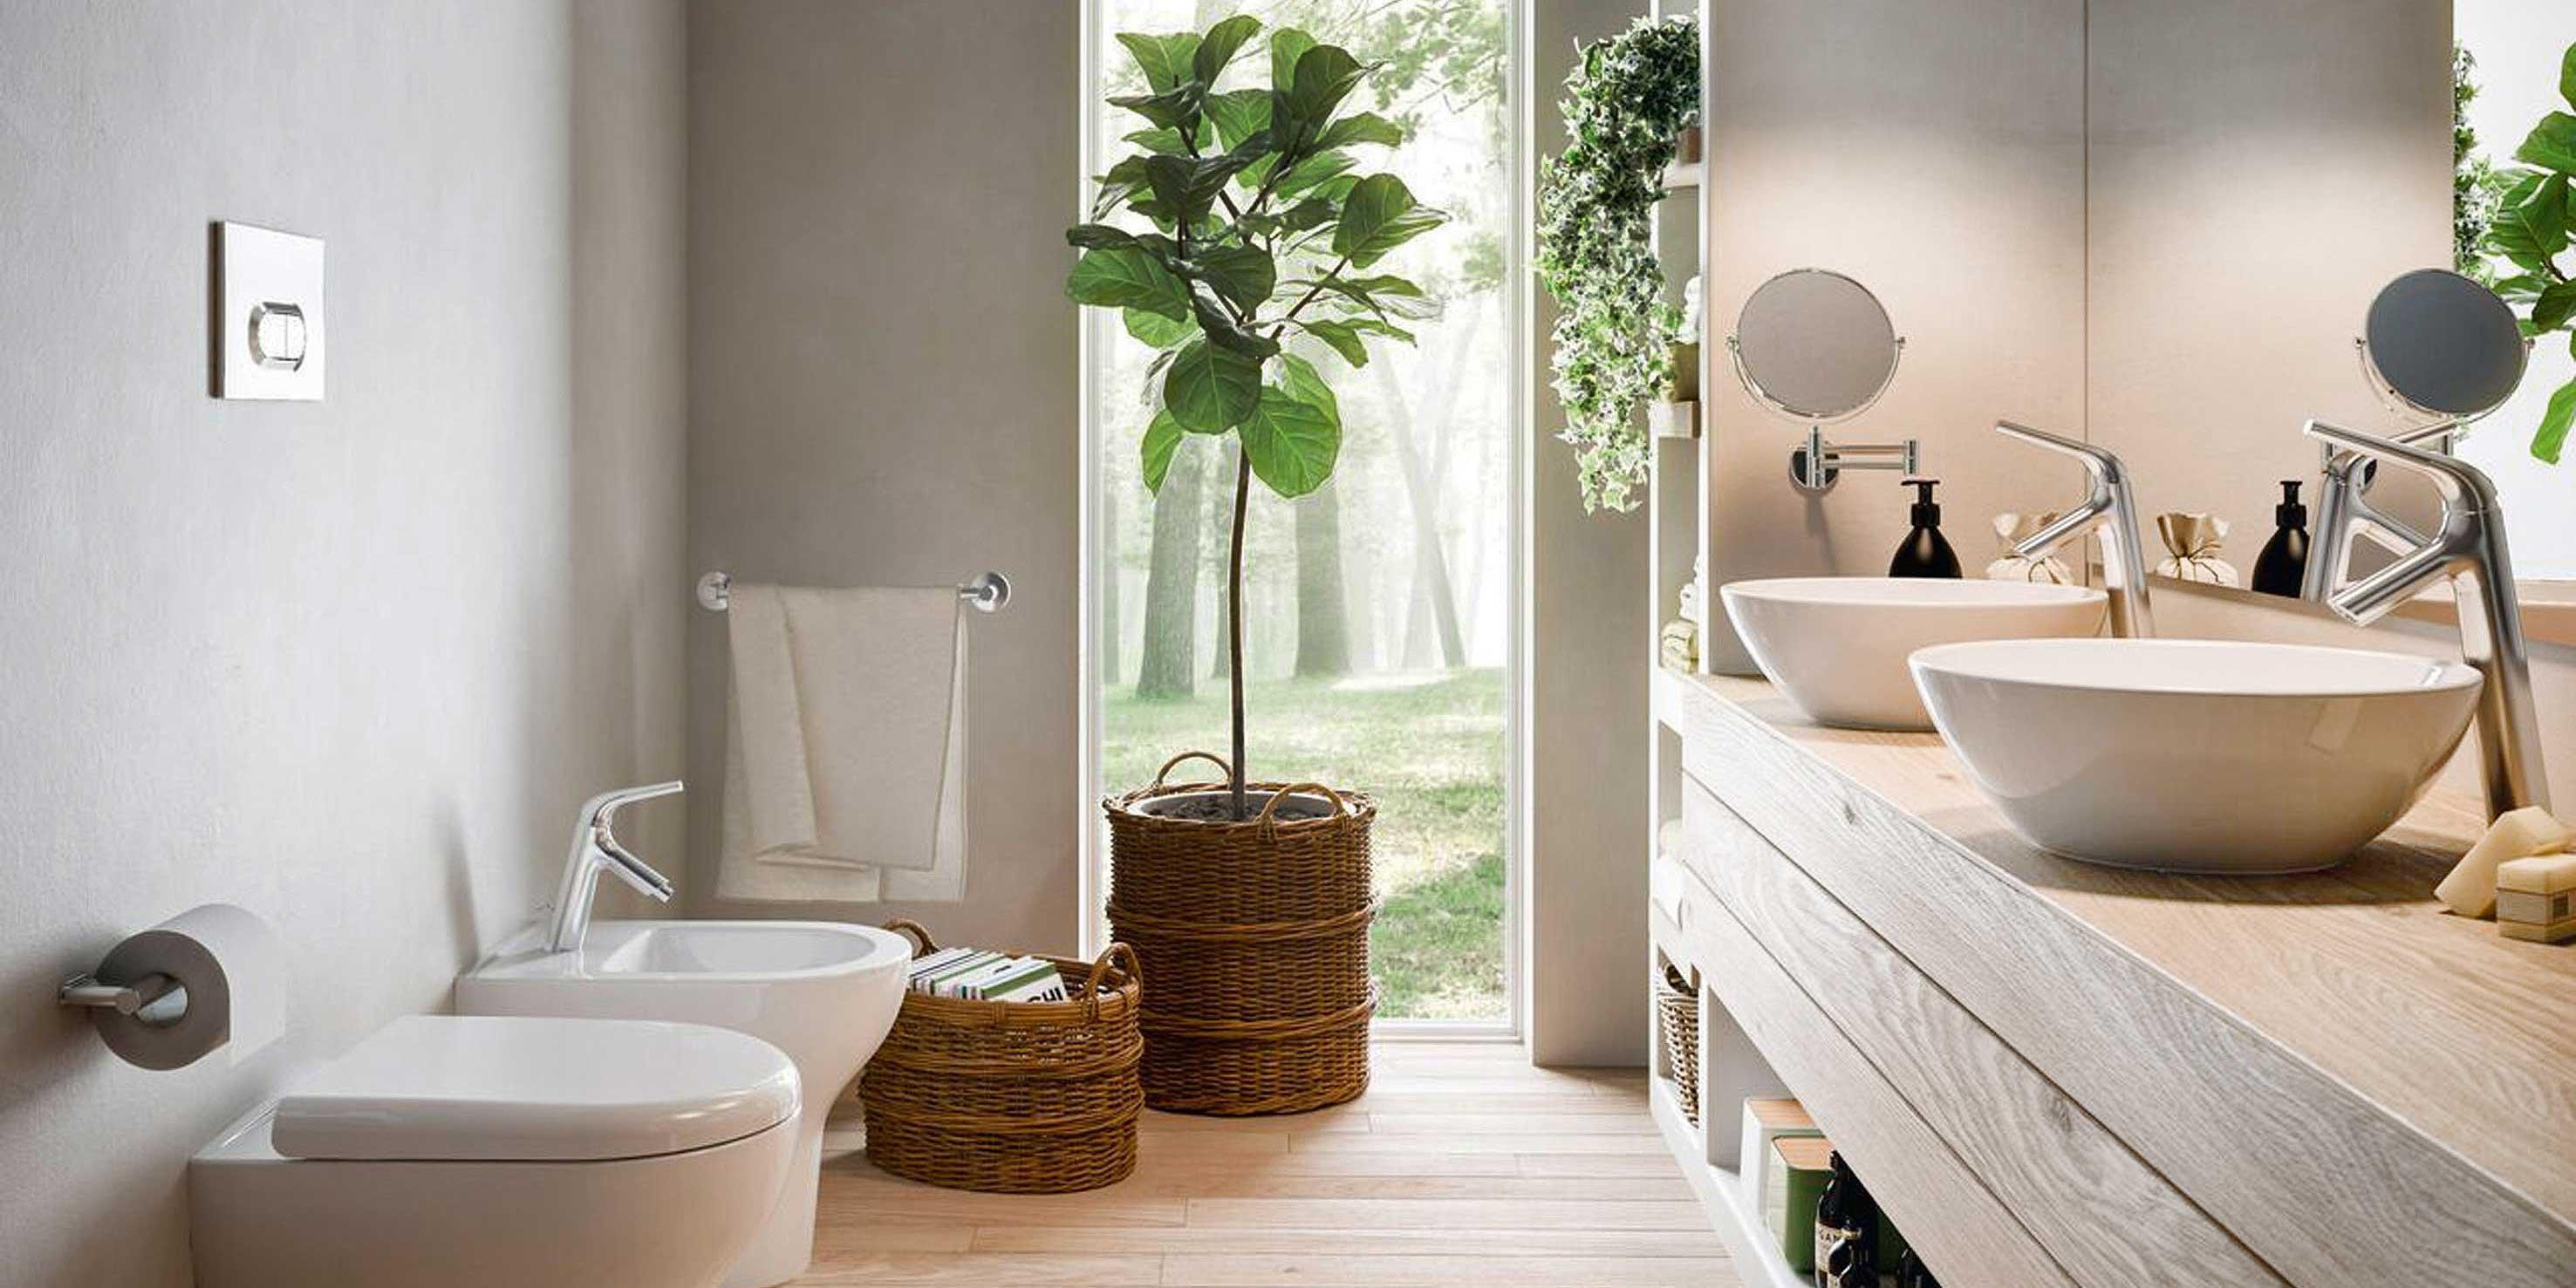 Piante per arredare il bagno cose di casa - Piante in bagno ...